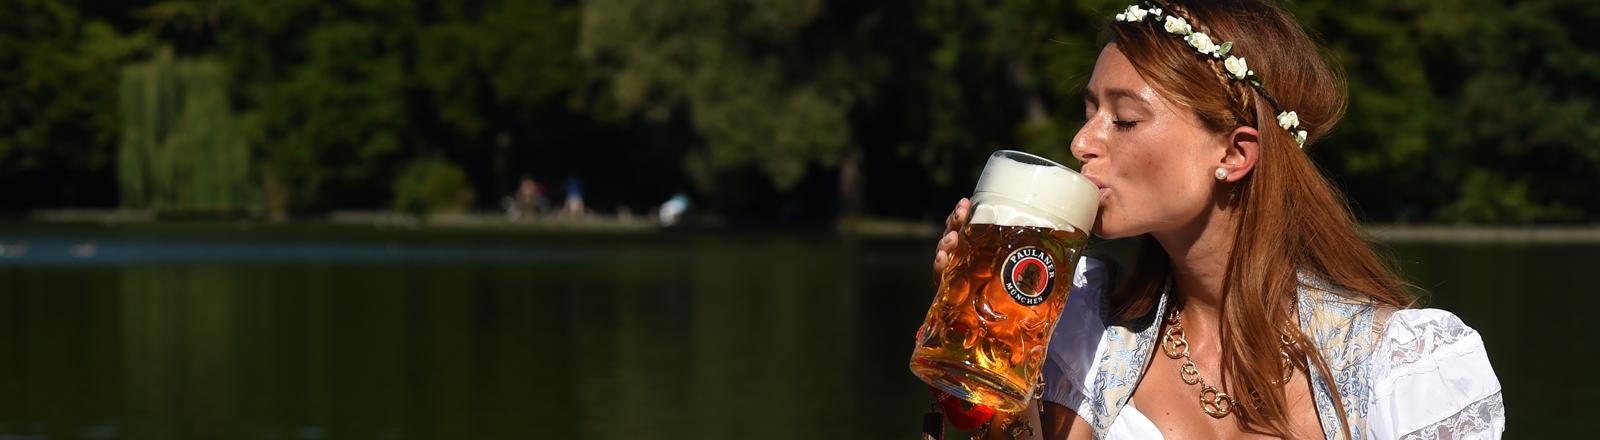 essica Kühne posiert in einem Dirndl am 29.08.2015 in München (Bayern) im Biergarten am Seehaus am Kleinhesseloher See im Englischer Garten mit einem Bier.